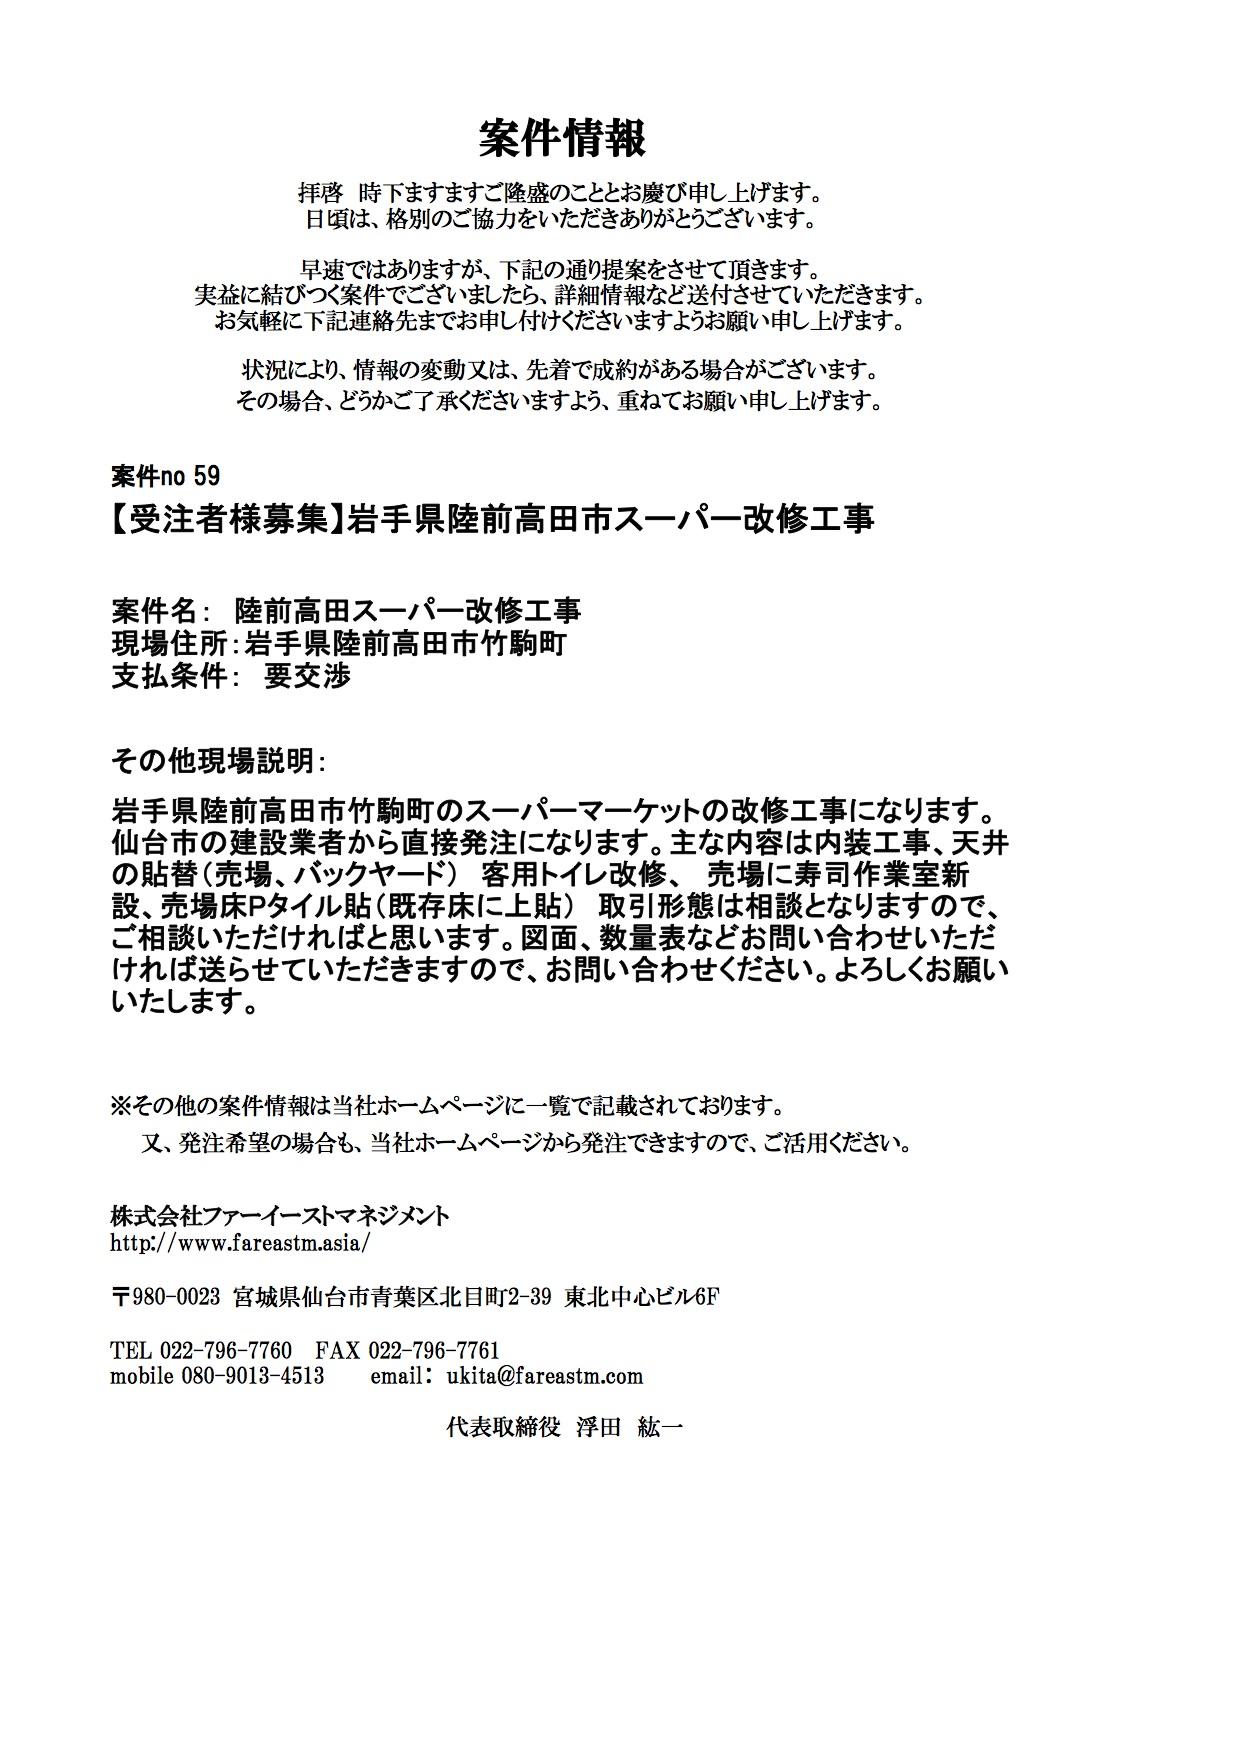 59陸前高田スーパー改修工事件